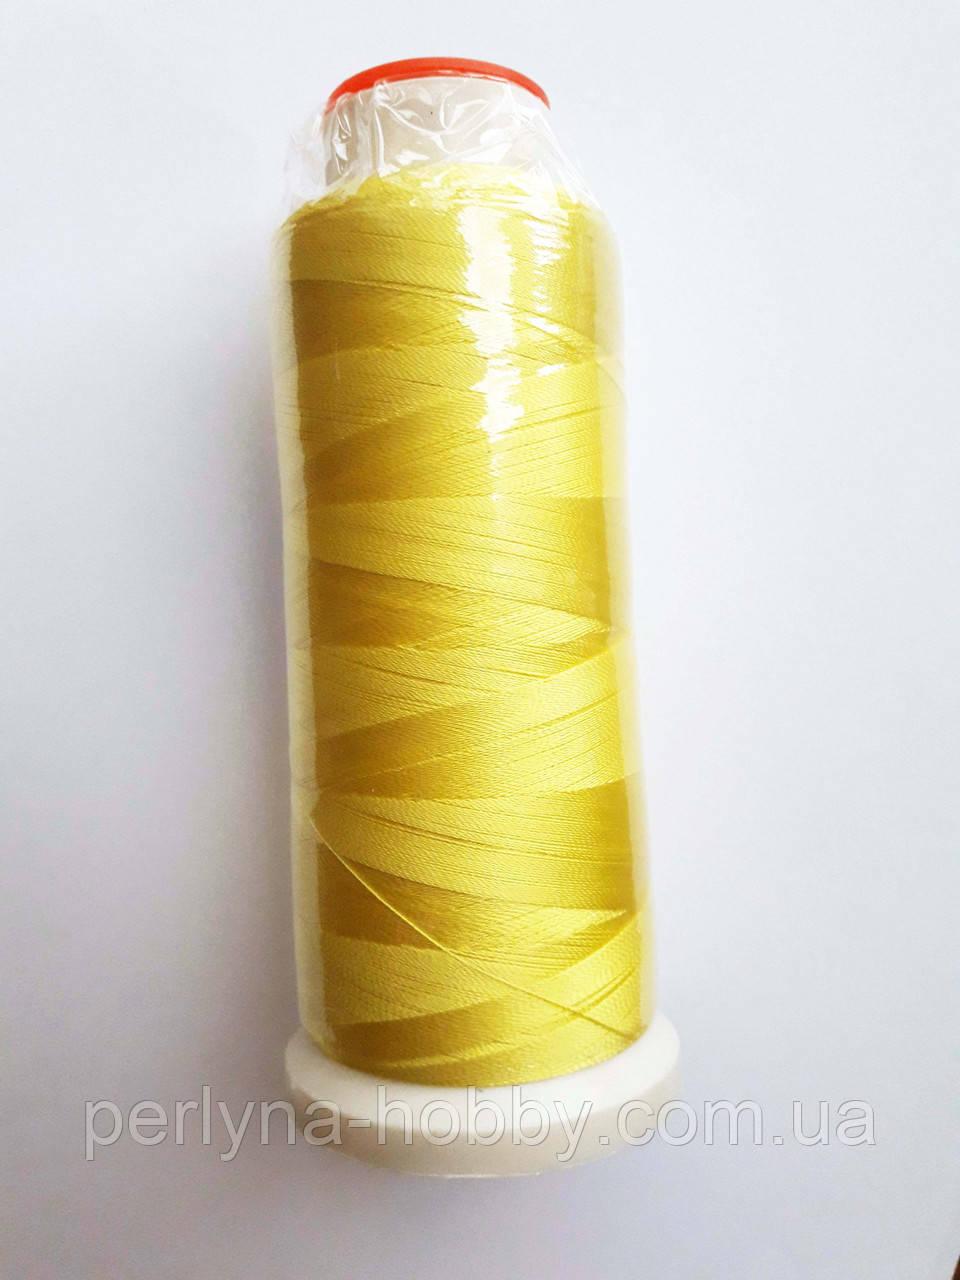 Нитки для машинної вишики 100% віскоза (100% rayon)  3000 метрів, №154, жовтийц